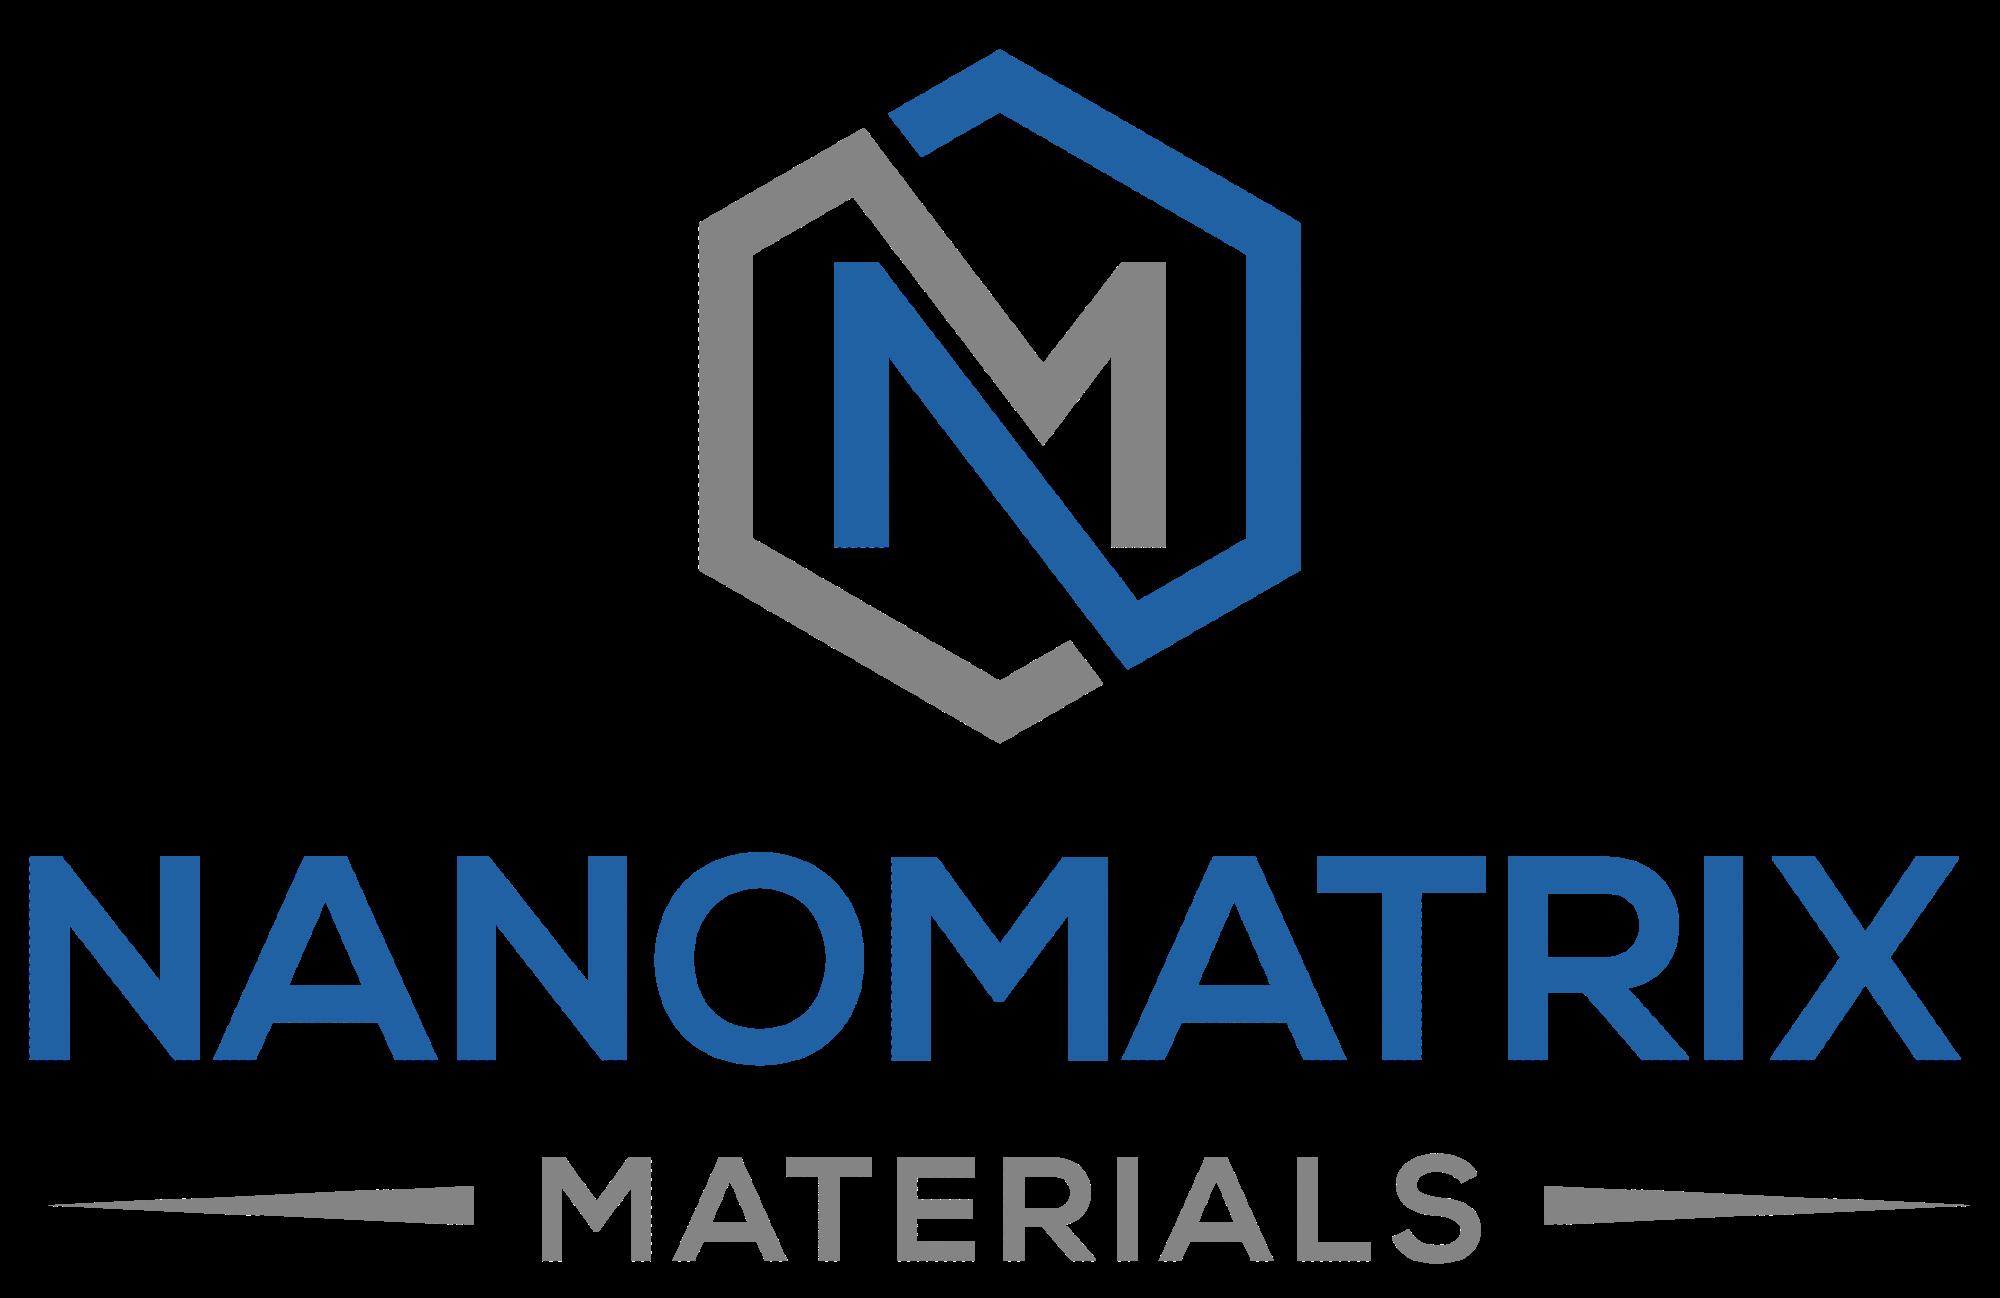 Nanomatrix Materials